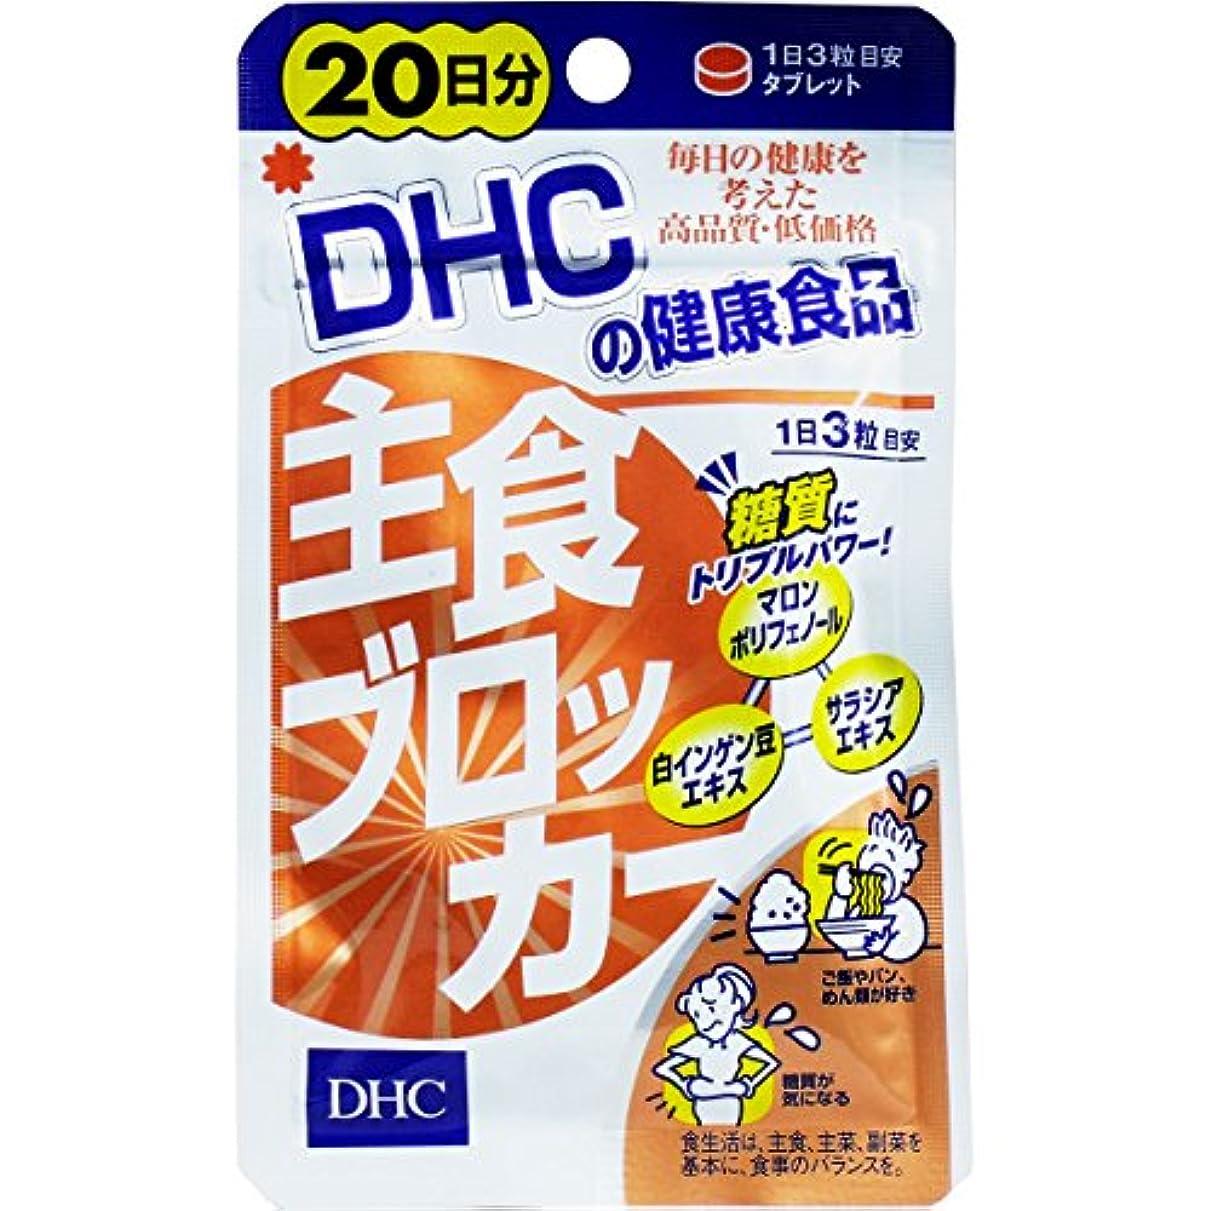 宗教的な鍔告白するダイエット トリプルパワーでため込み対策 栄養機能食品 DHC 主食ブロッカー 20日分 60粒入【2個セット】